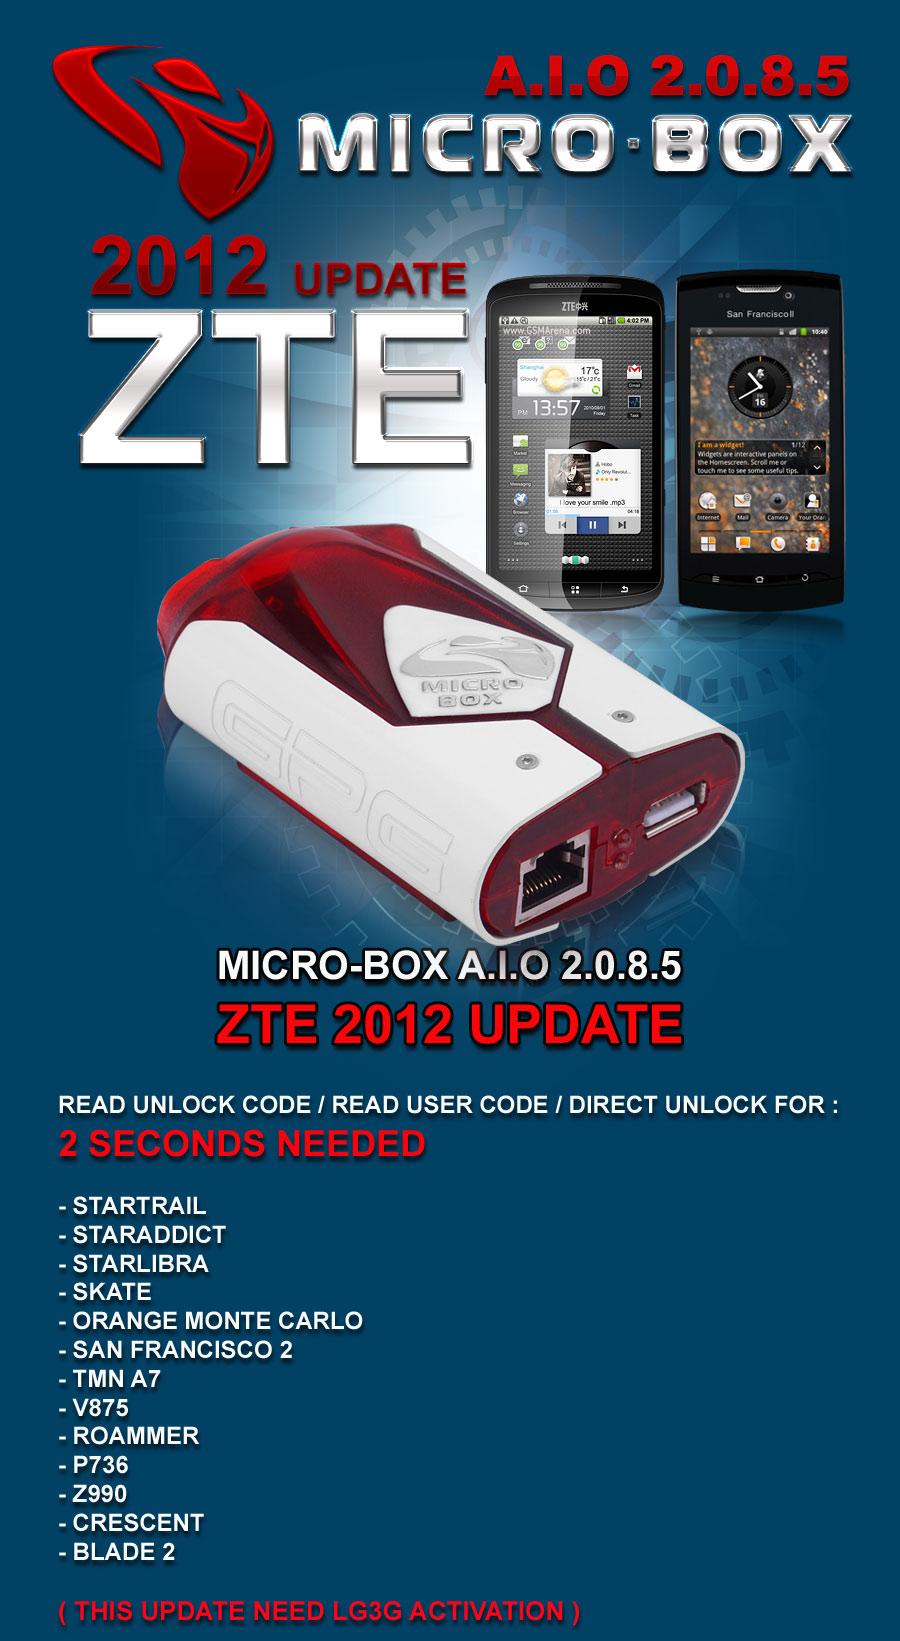 6 Apr 12 Micro-Box AIO V2.0.8.5 = ZTE 2012 Read Code, Read User Code, Direct UNLOCK ! 2012-04-05-micro-box-2085